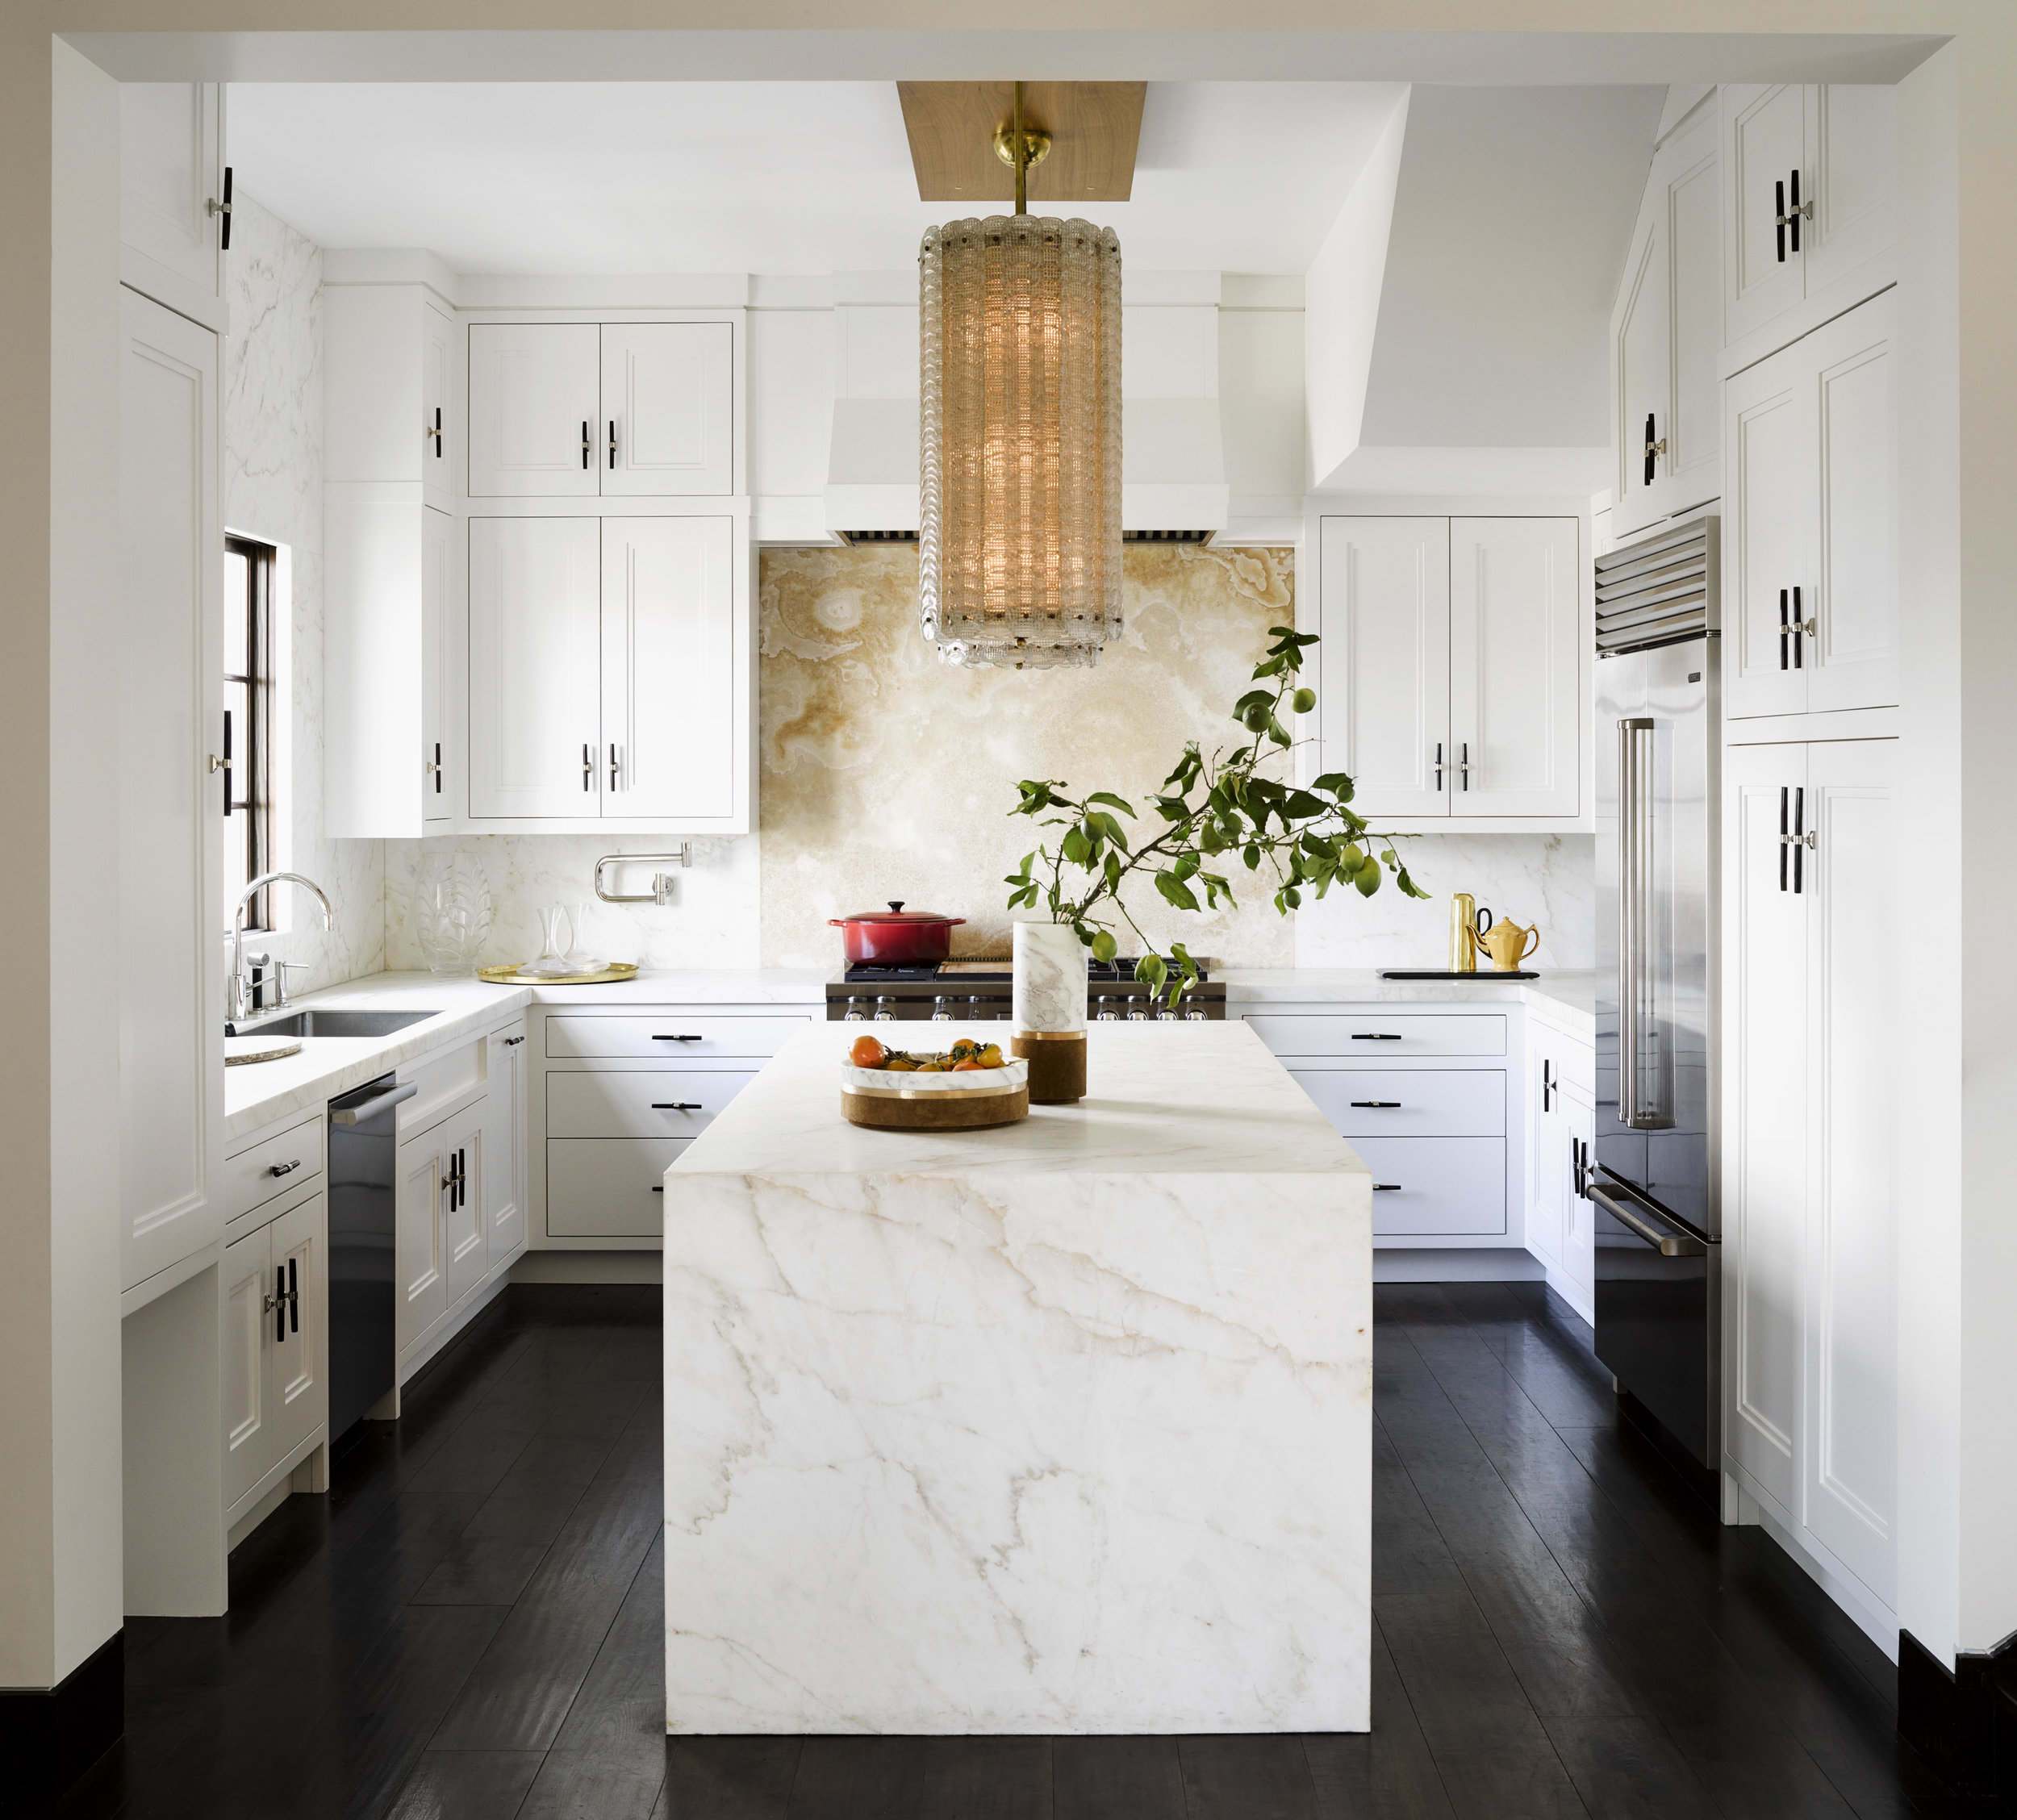 497 2841Valejo_kitchen_150-01-01.jpg